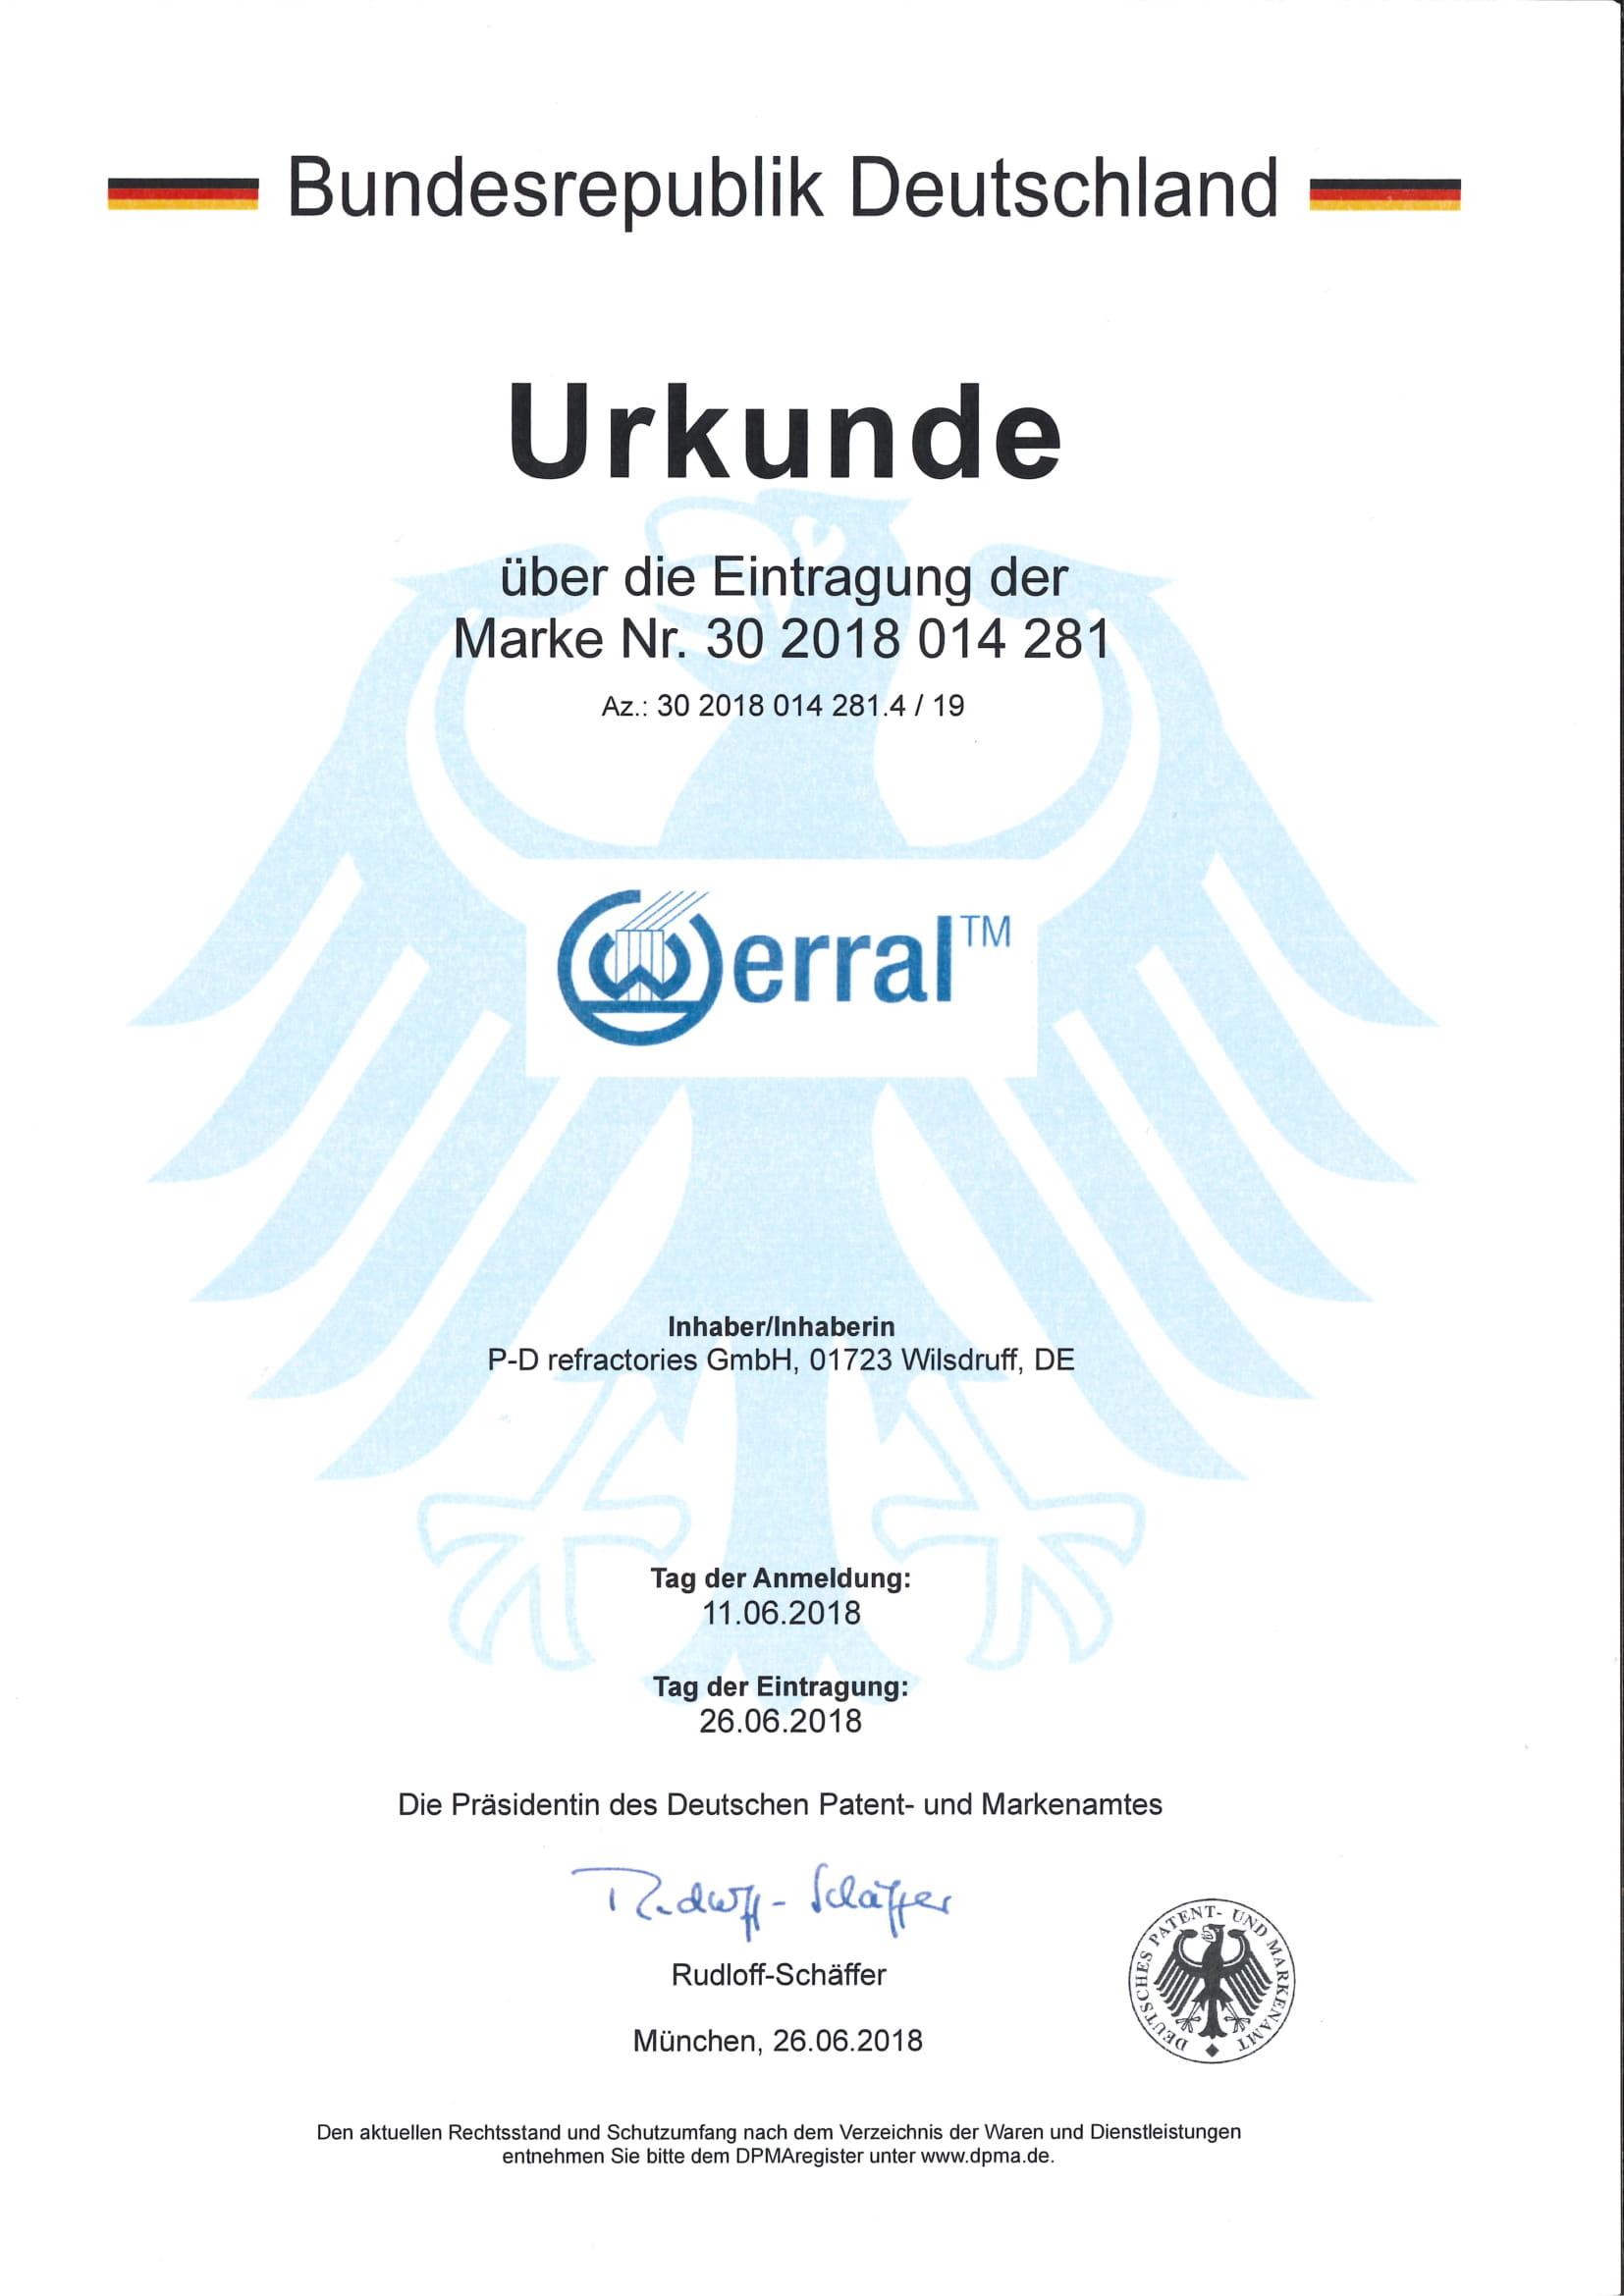 P-D Refractories GmbH - Urkunde Markeneintragung Werral™